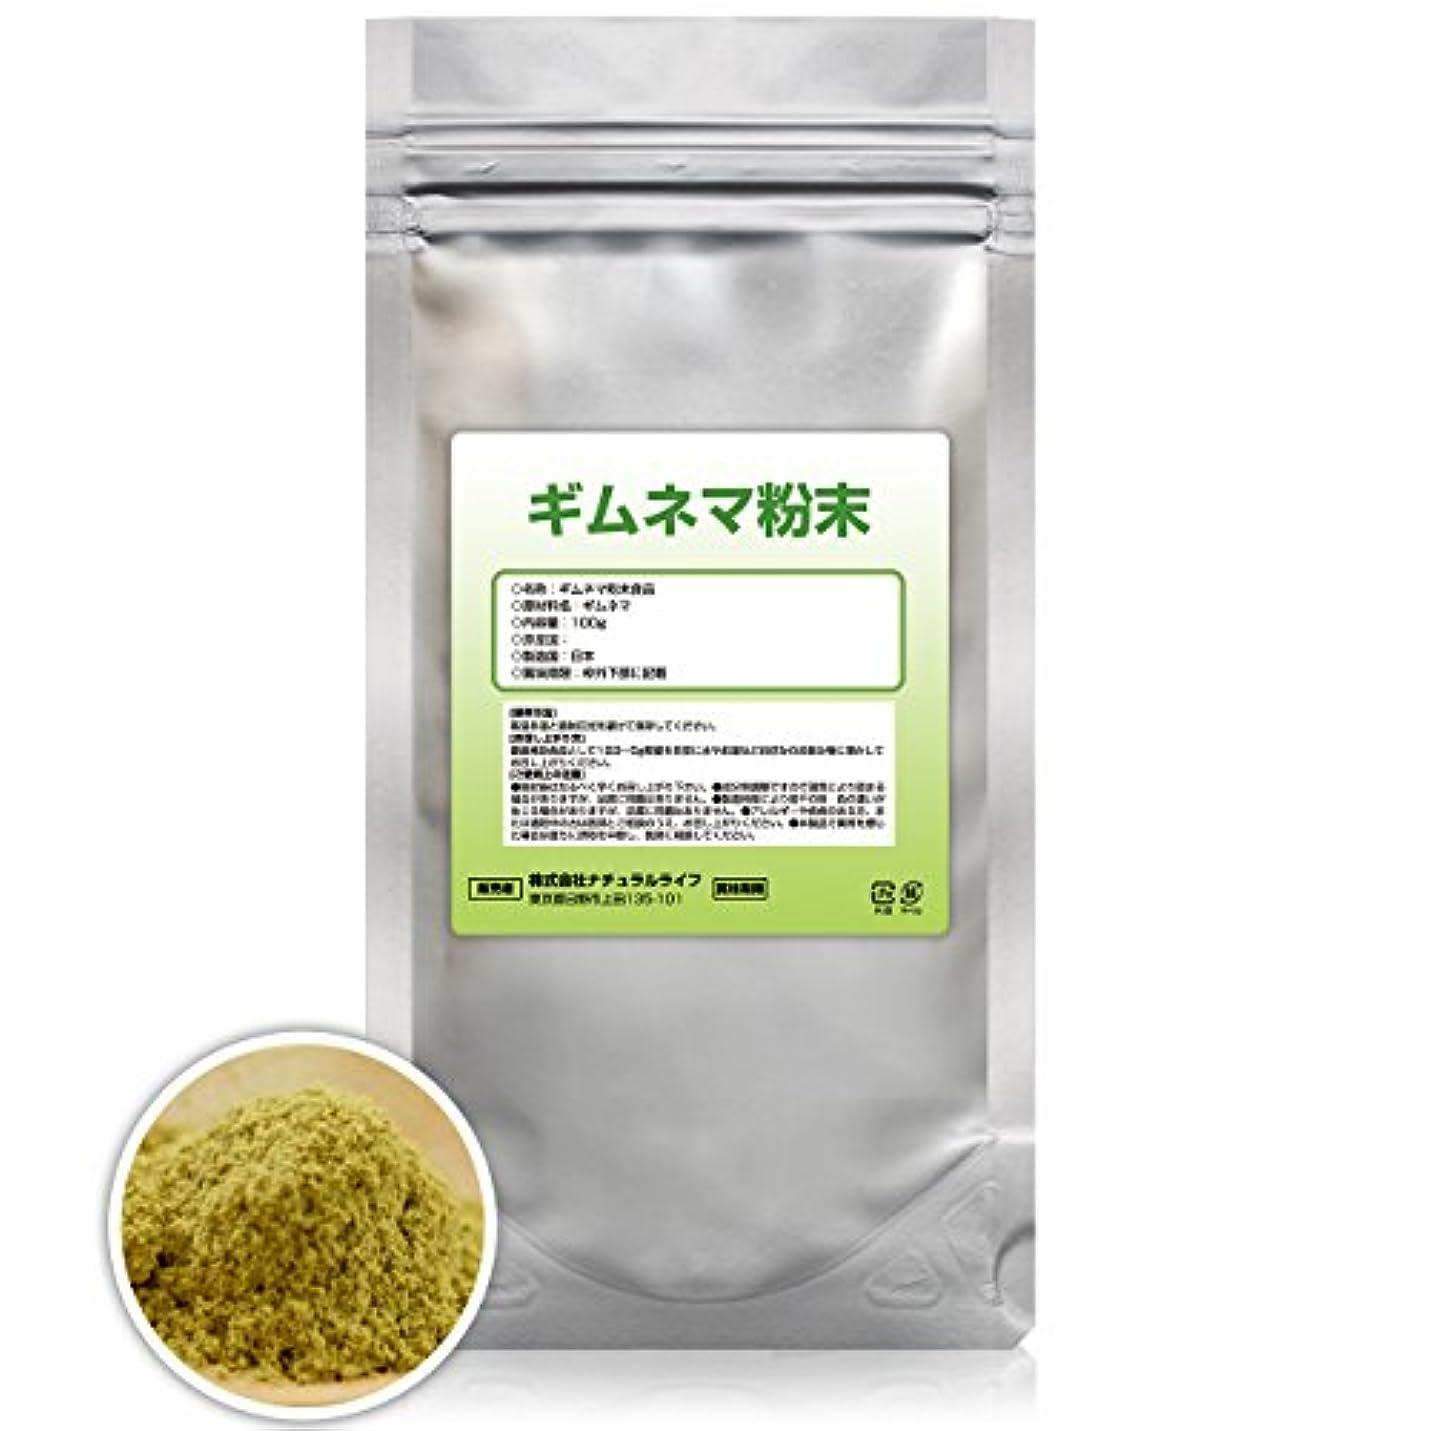 不明瞭挽く疑問を超えてギムネマ粉末[100g]天然ピュア原料(無添加)健康食品(ぎむねま)